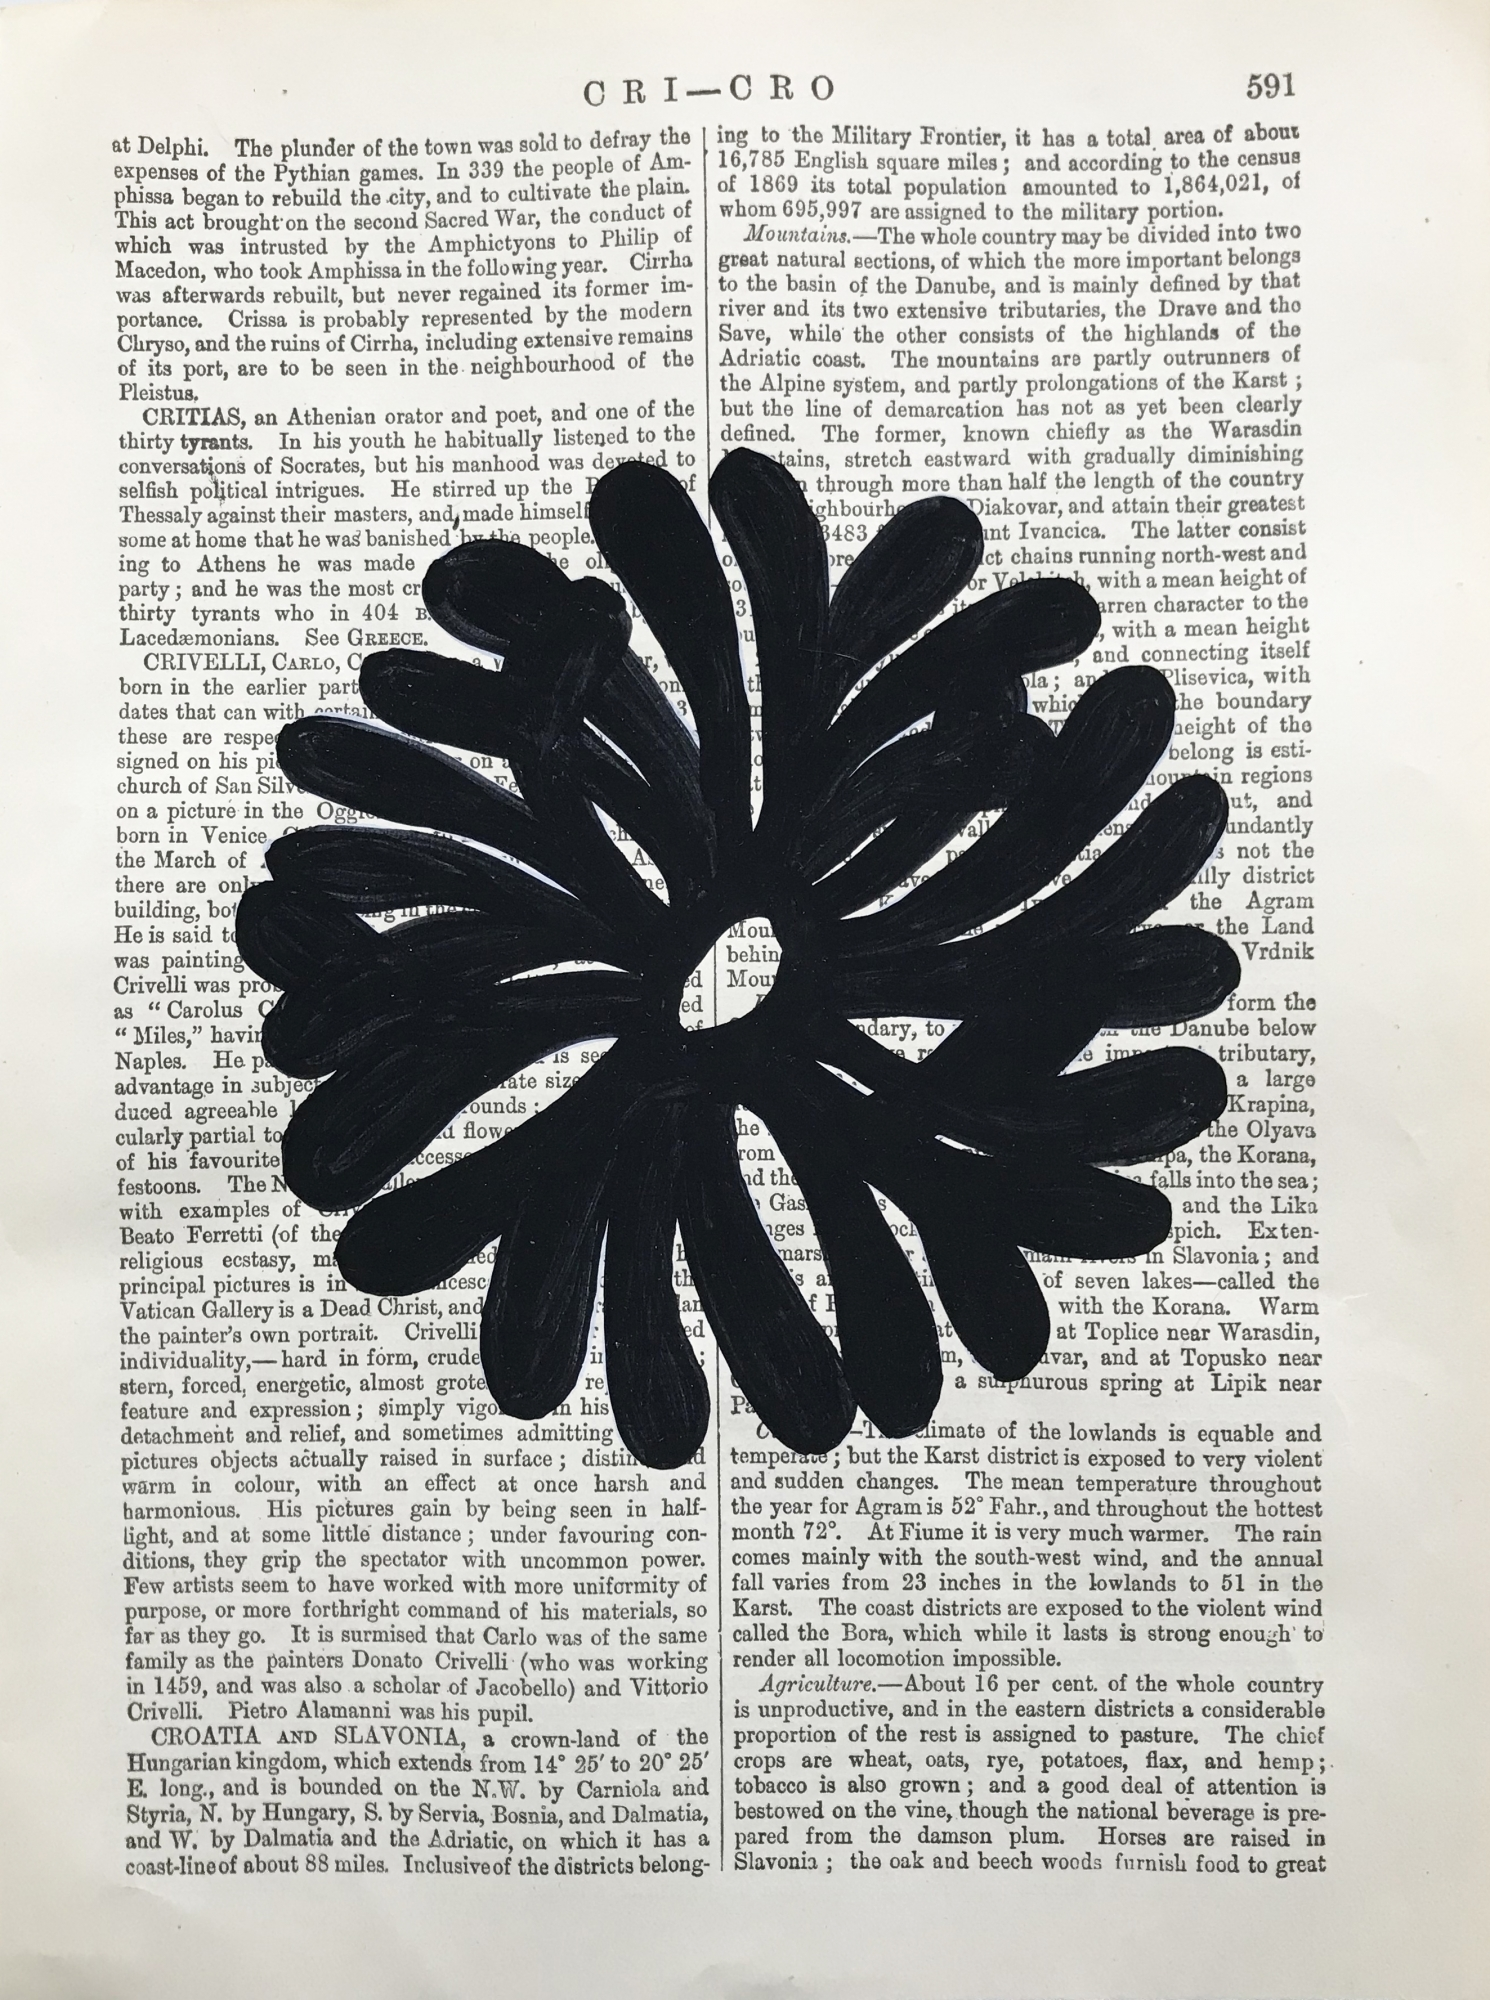 Cri Cor black 591 by Michela Sorrentino